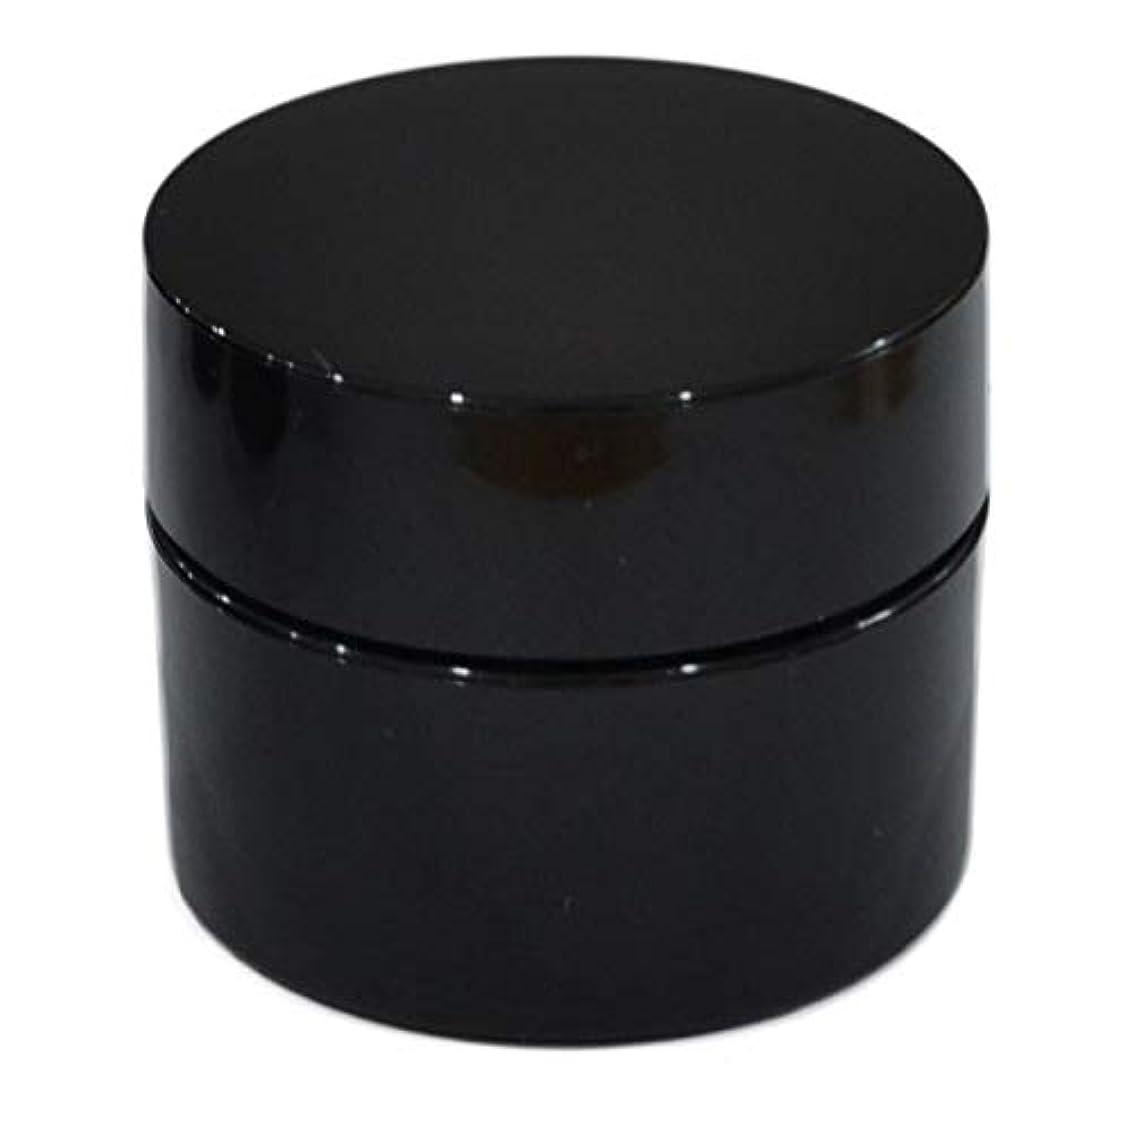 明日遅滞言い直す純国産ネイルジェル用コンテナ 10g用GA10g 漏れ防止パッキン&ブラシプレート付容器 ジェルを無駄なく使える底面傾斜あり 遮光 黒 ブラック